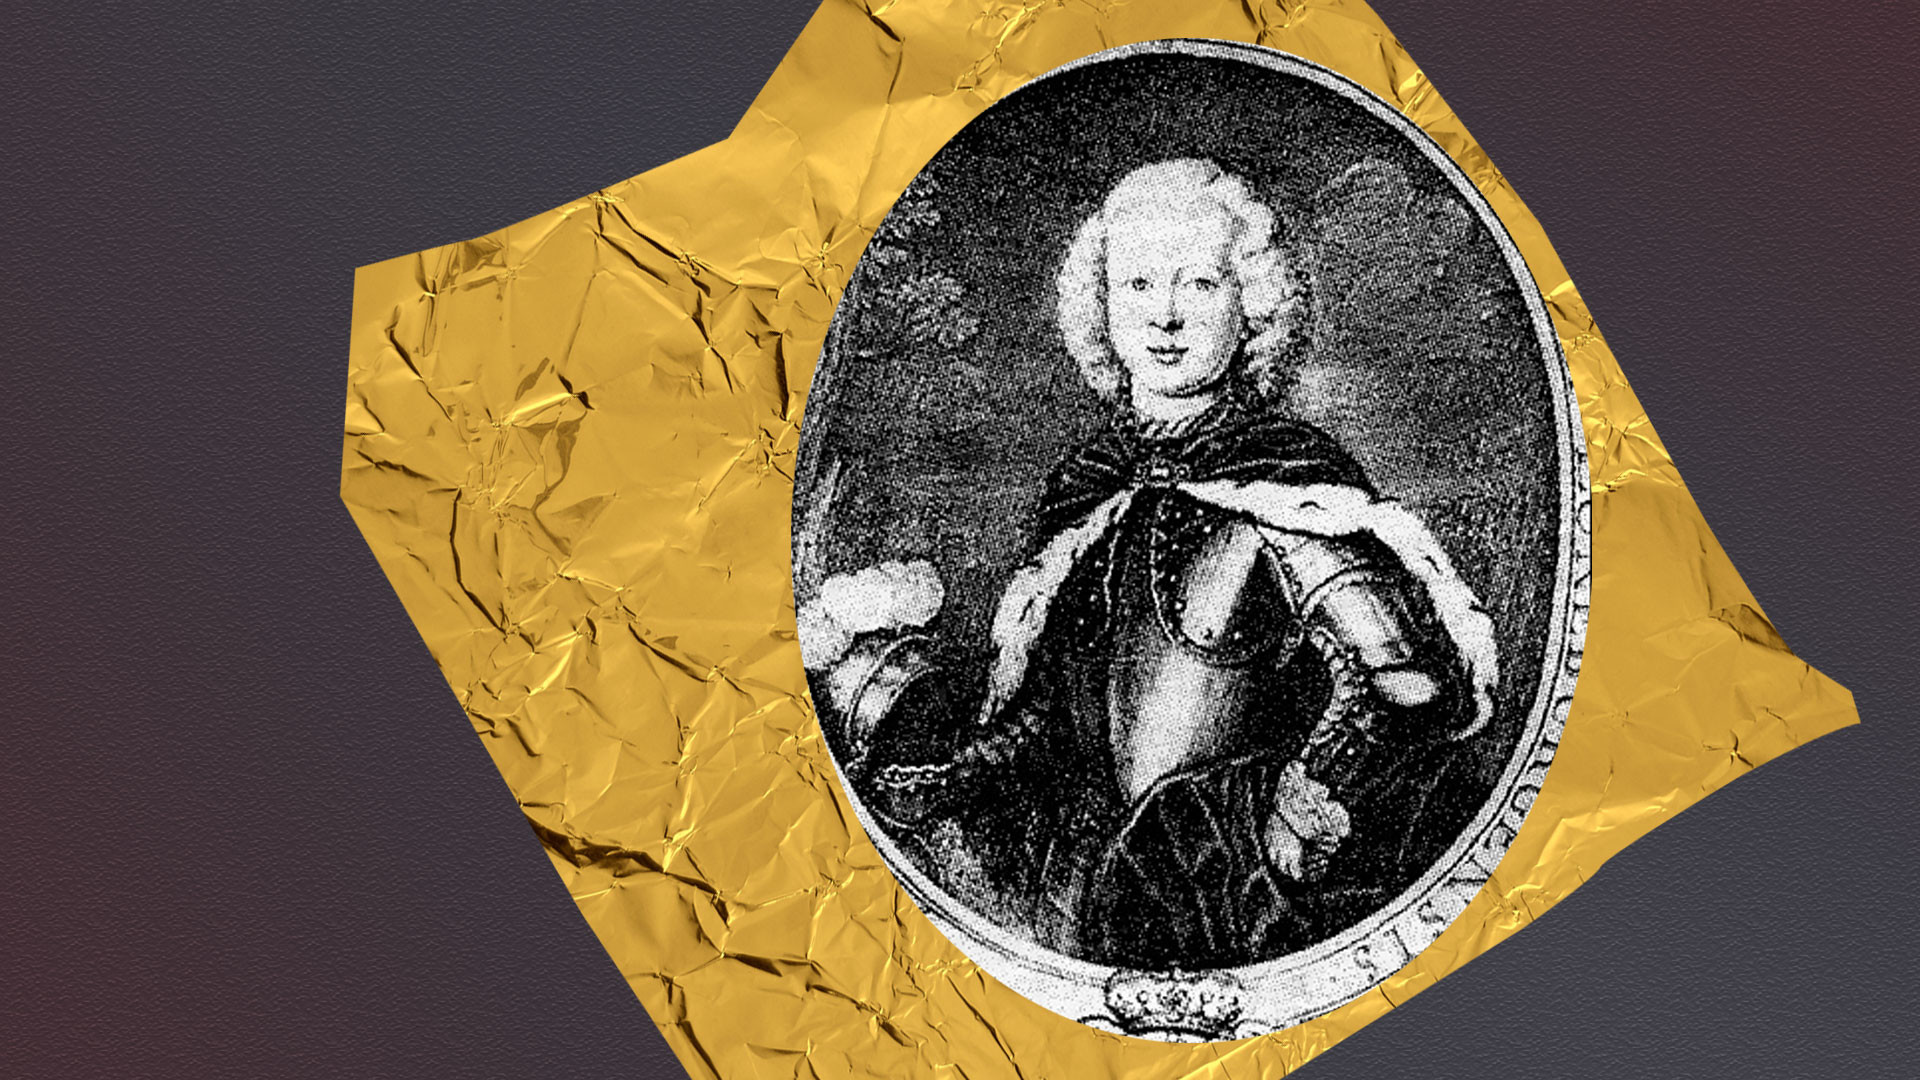 Антон Ульрих Брауншвейгский. Коллаж © L!FE. Фото: © wikipedia.org